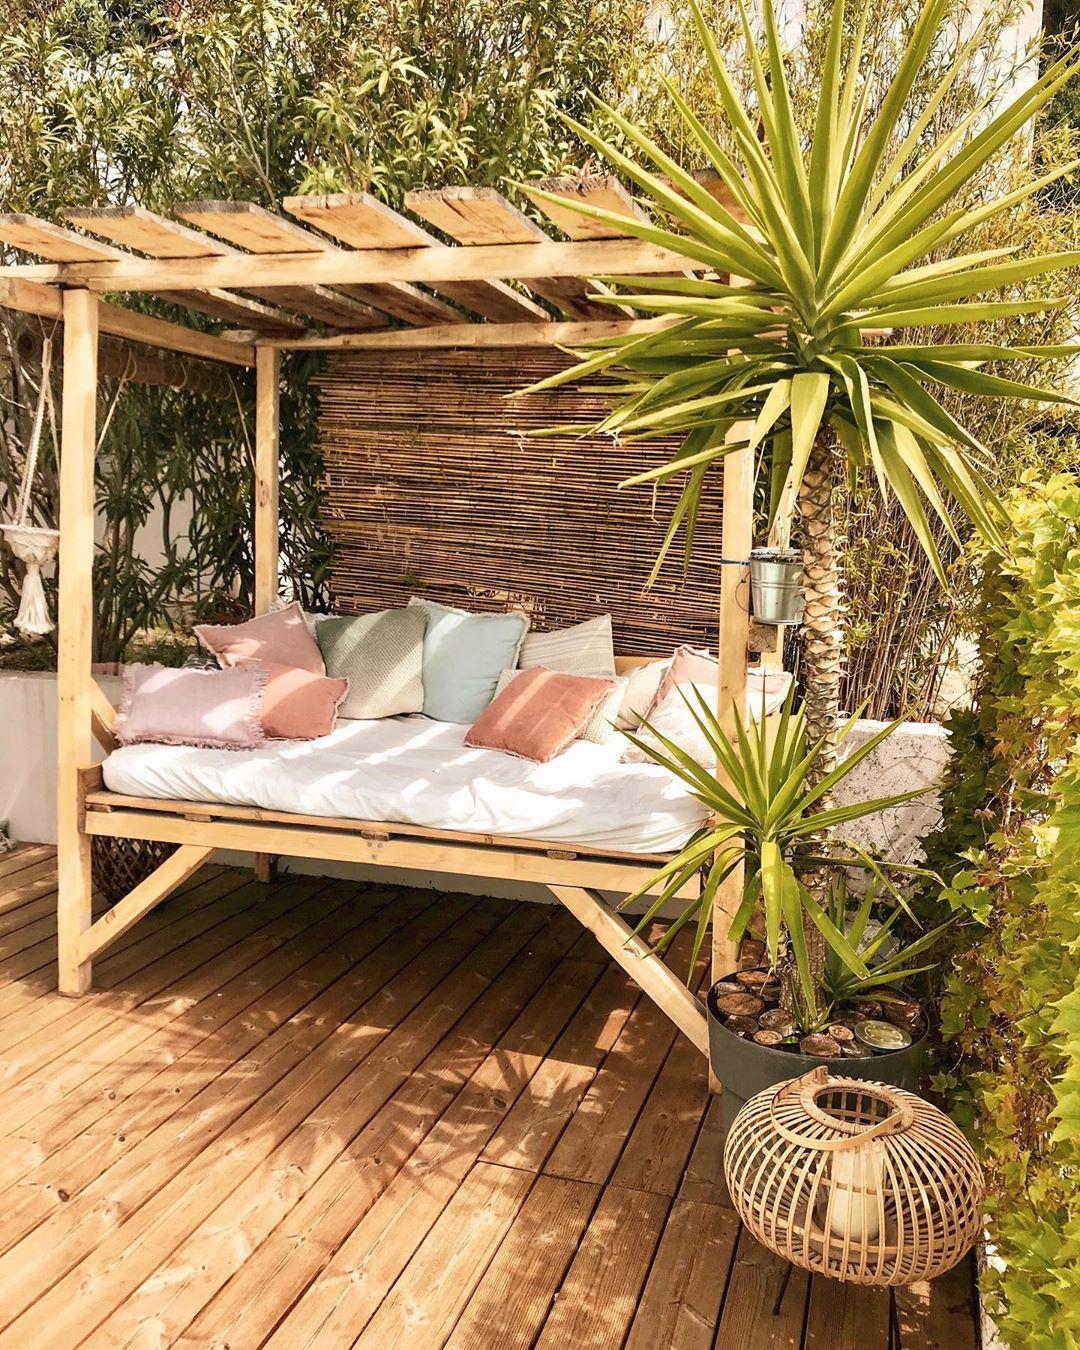 salon de jardin banquette en bois coussins rose bleu vert pastel palmier lanterne bois